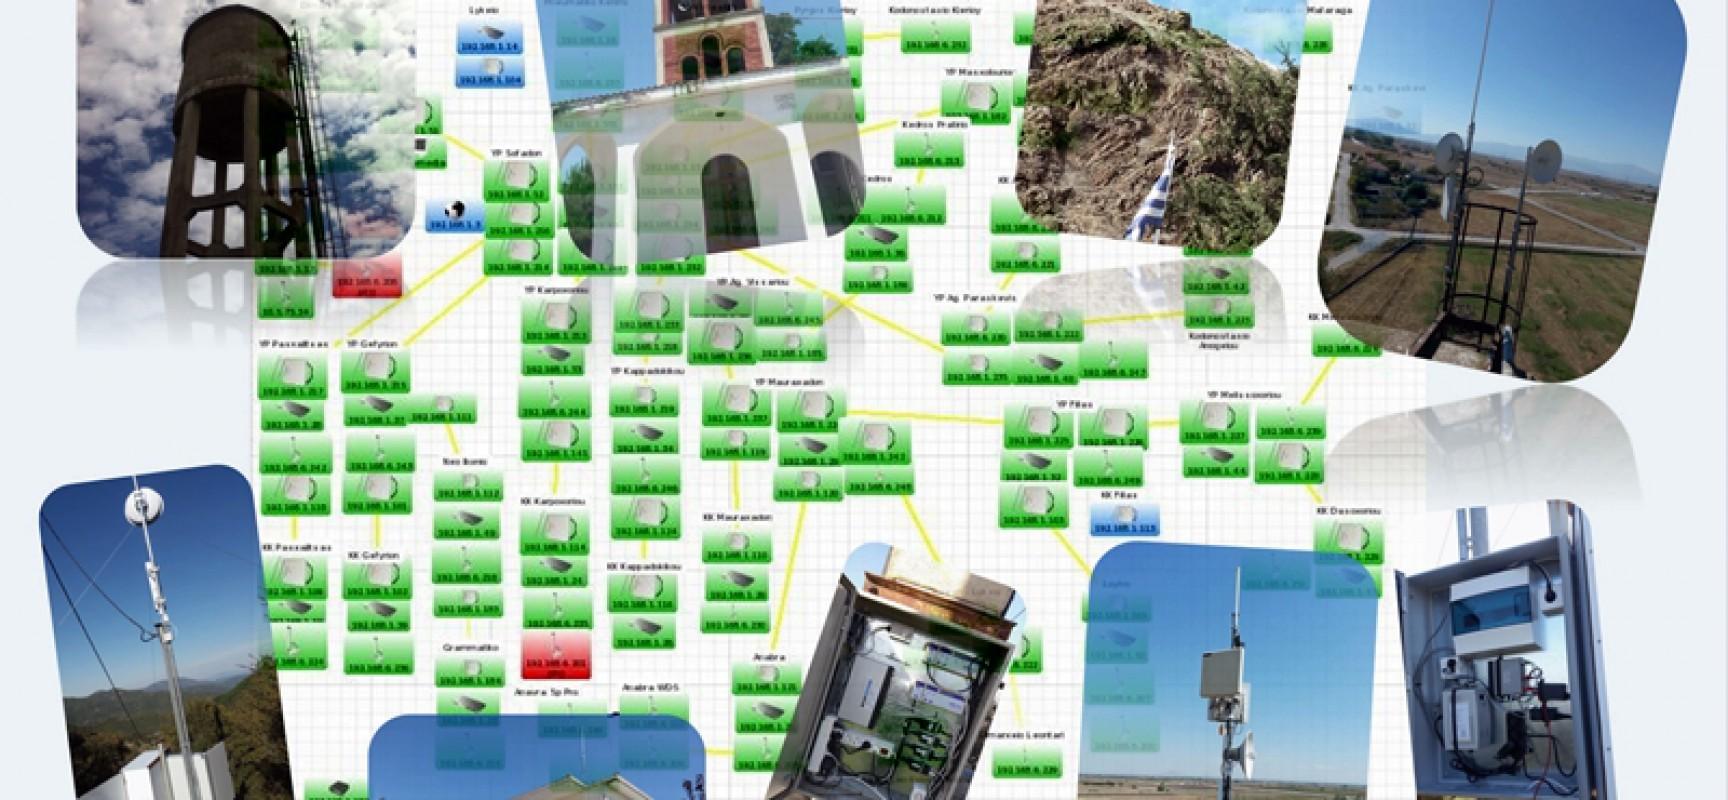 Στο βάθρο με τους καλύτερους Δήμους ο Δήμος Σοφάδων